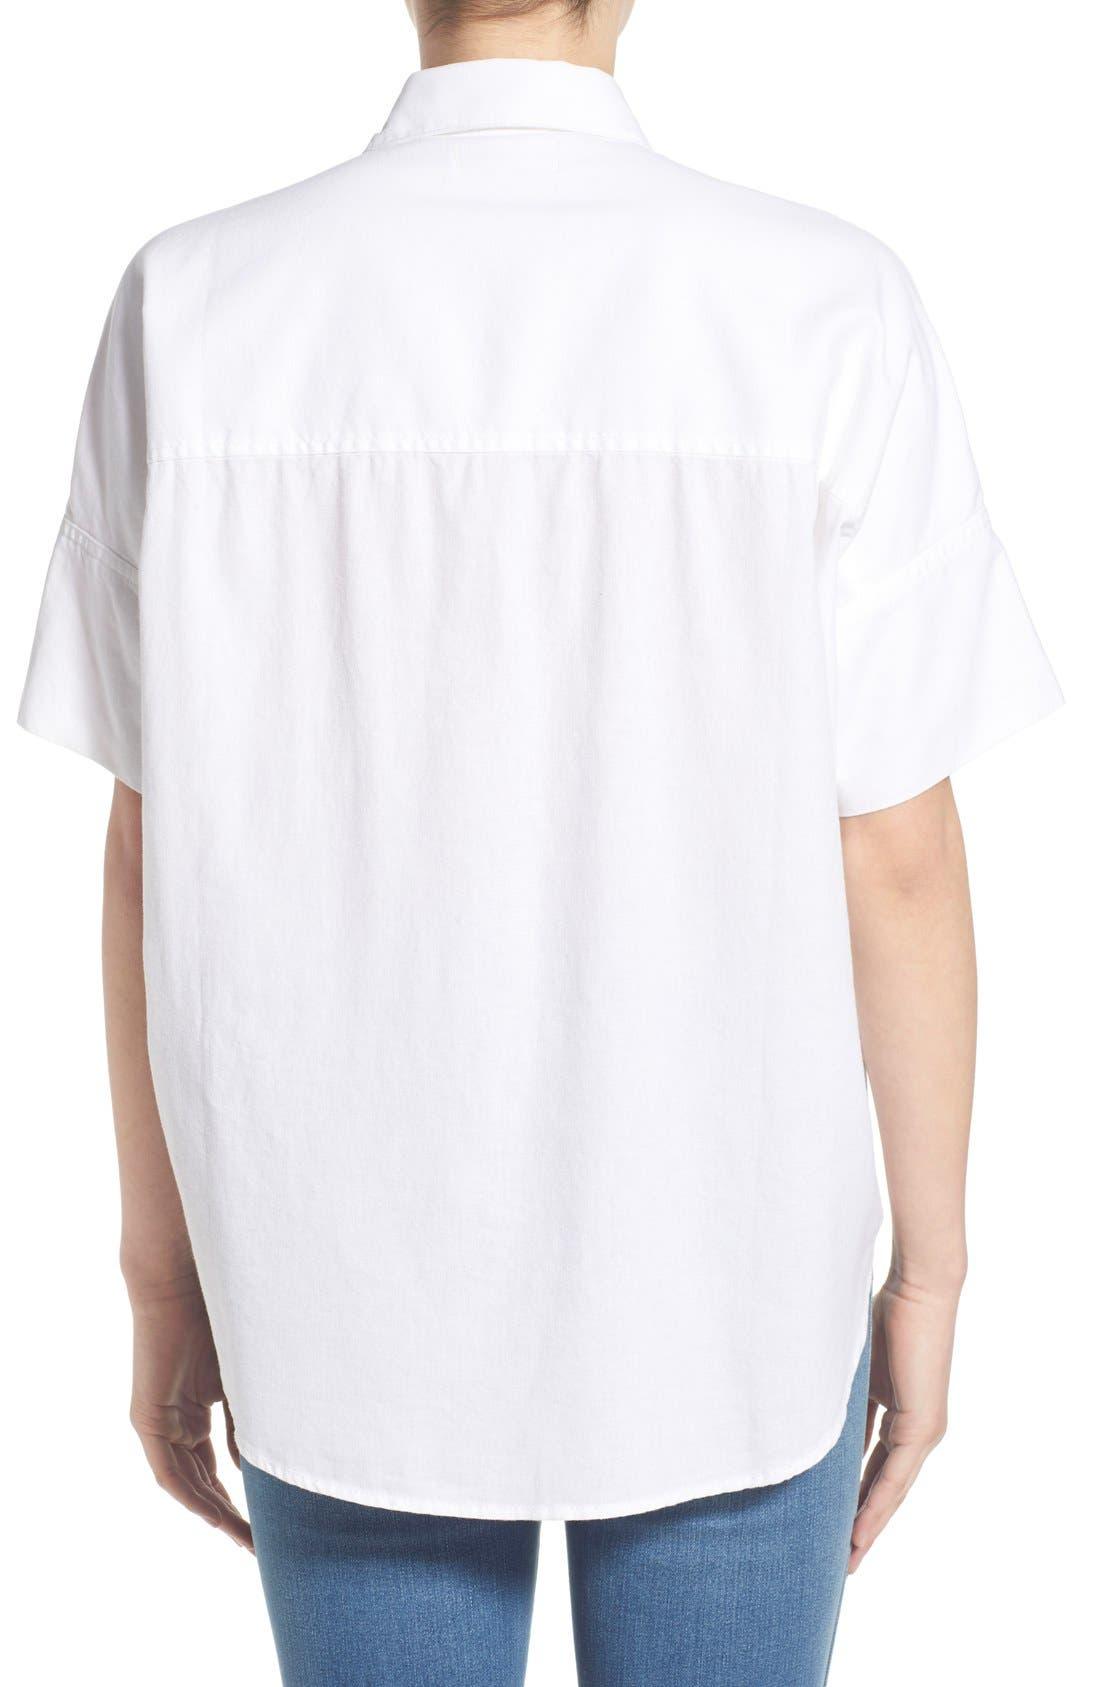 Cotton Courier Shirt,                             Alternate thumbnail 9, color,                             PURE WHITE